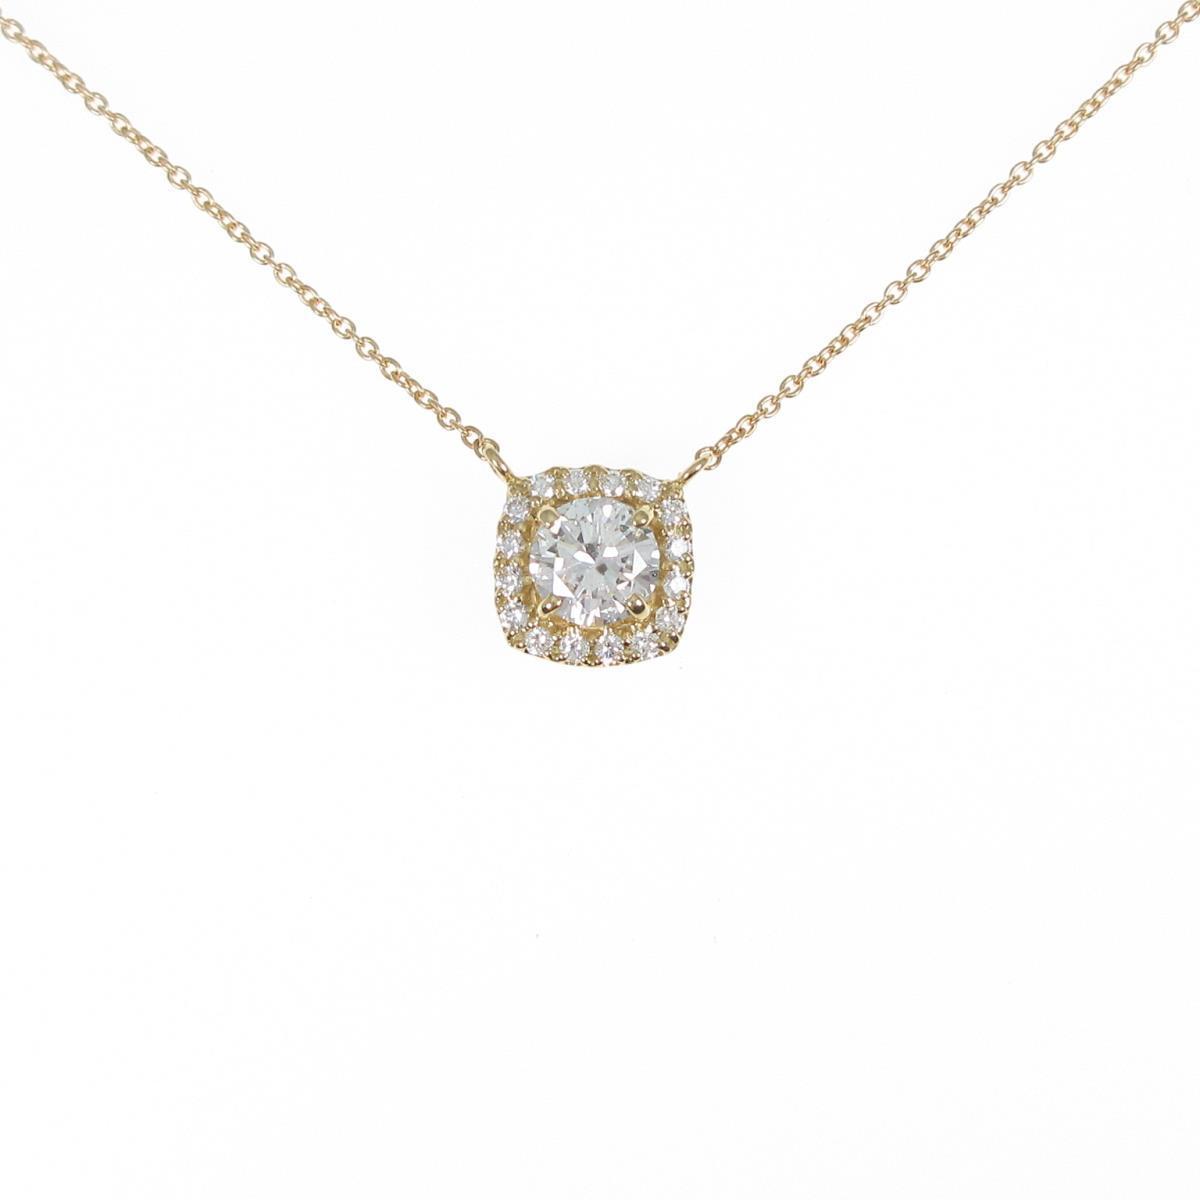 【リメイク】K18YG ダイヤモンドネックレス 0.533ct・F・SI2・VG【中古】